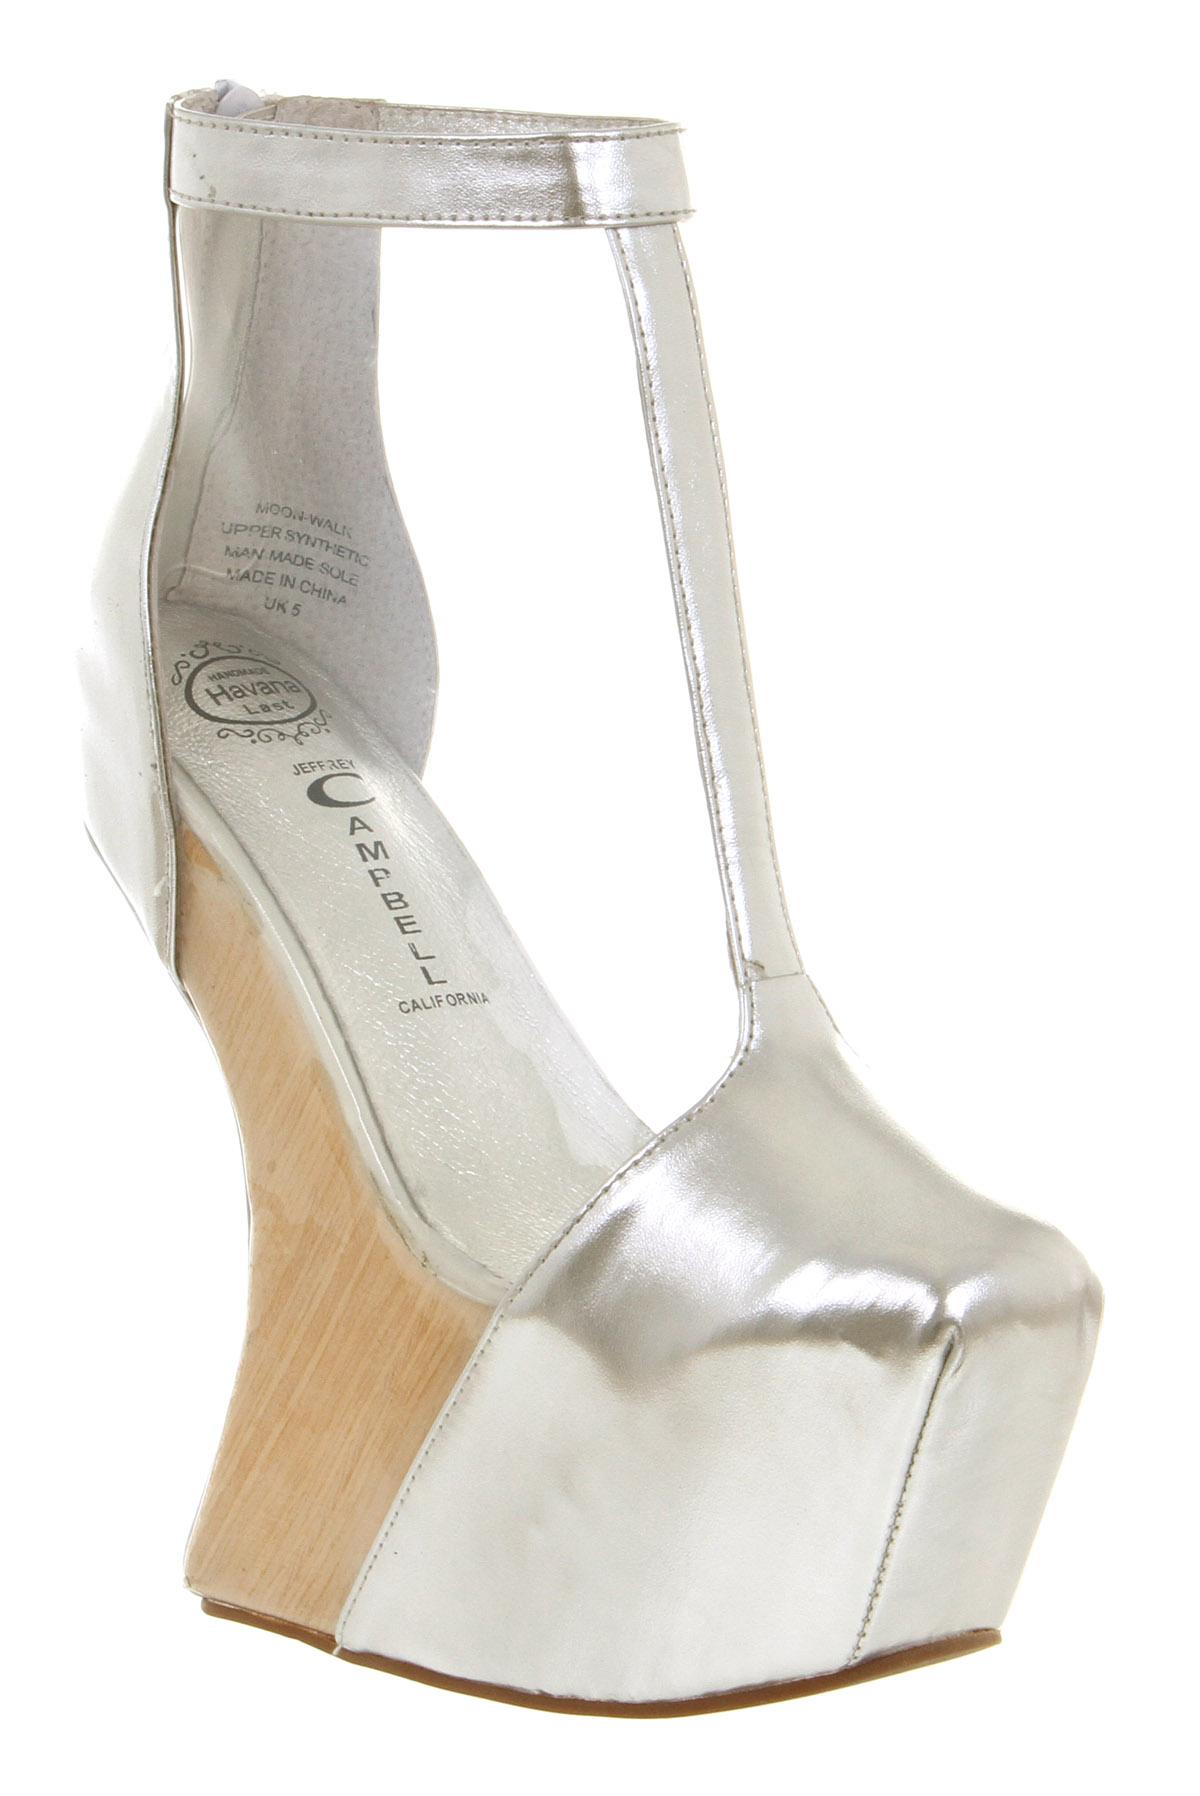 2838b7eefe8 Lyst - Jeffrey Campbell Moon Walk Wedge Sandal Clear Silver in Metallic